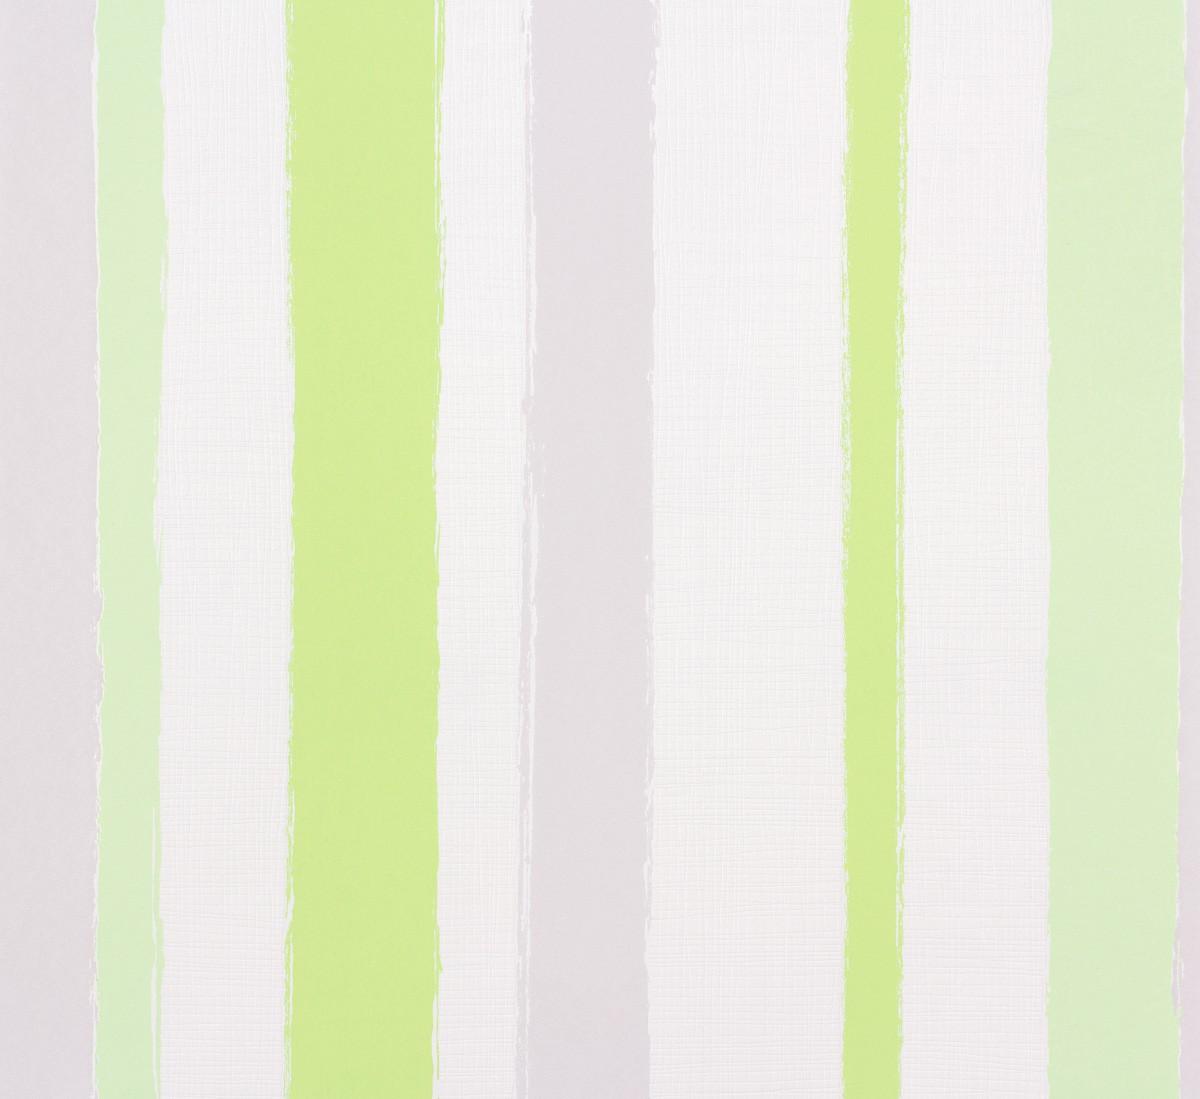 Vliestapete Streifen wei grau grn Tapeten Marburg Wohnsinn 55606